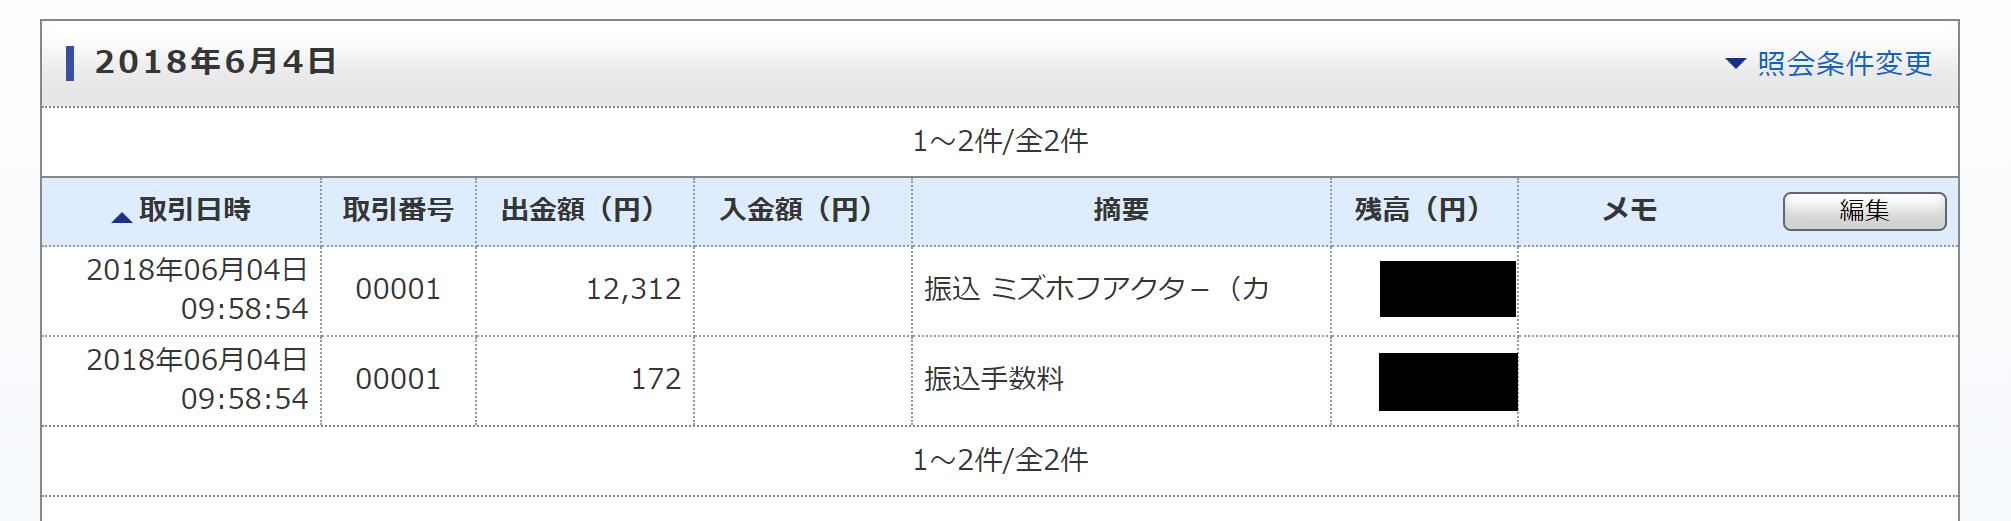 ジャパンネット銀行 通帳